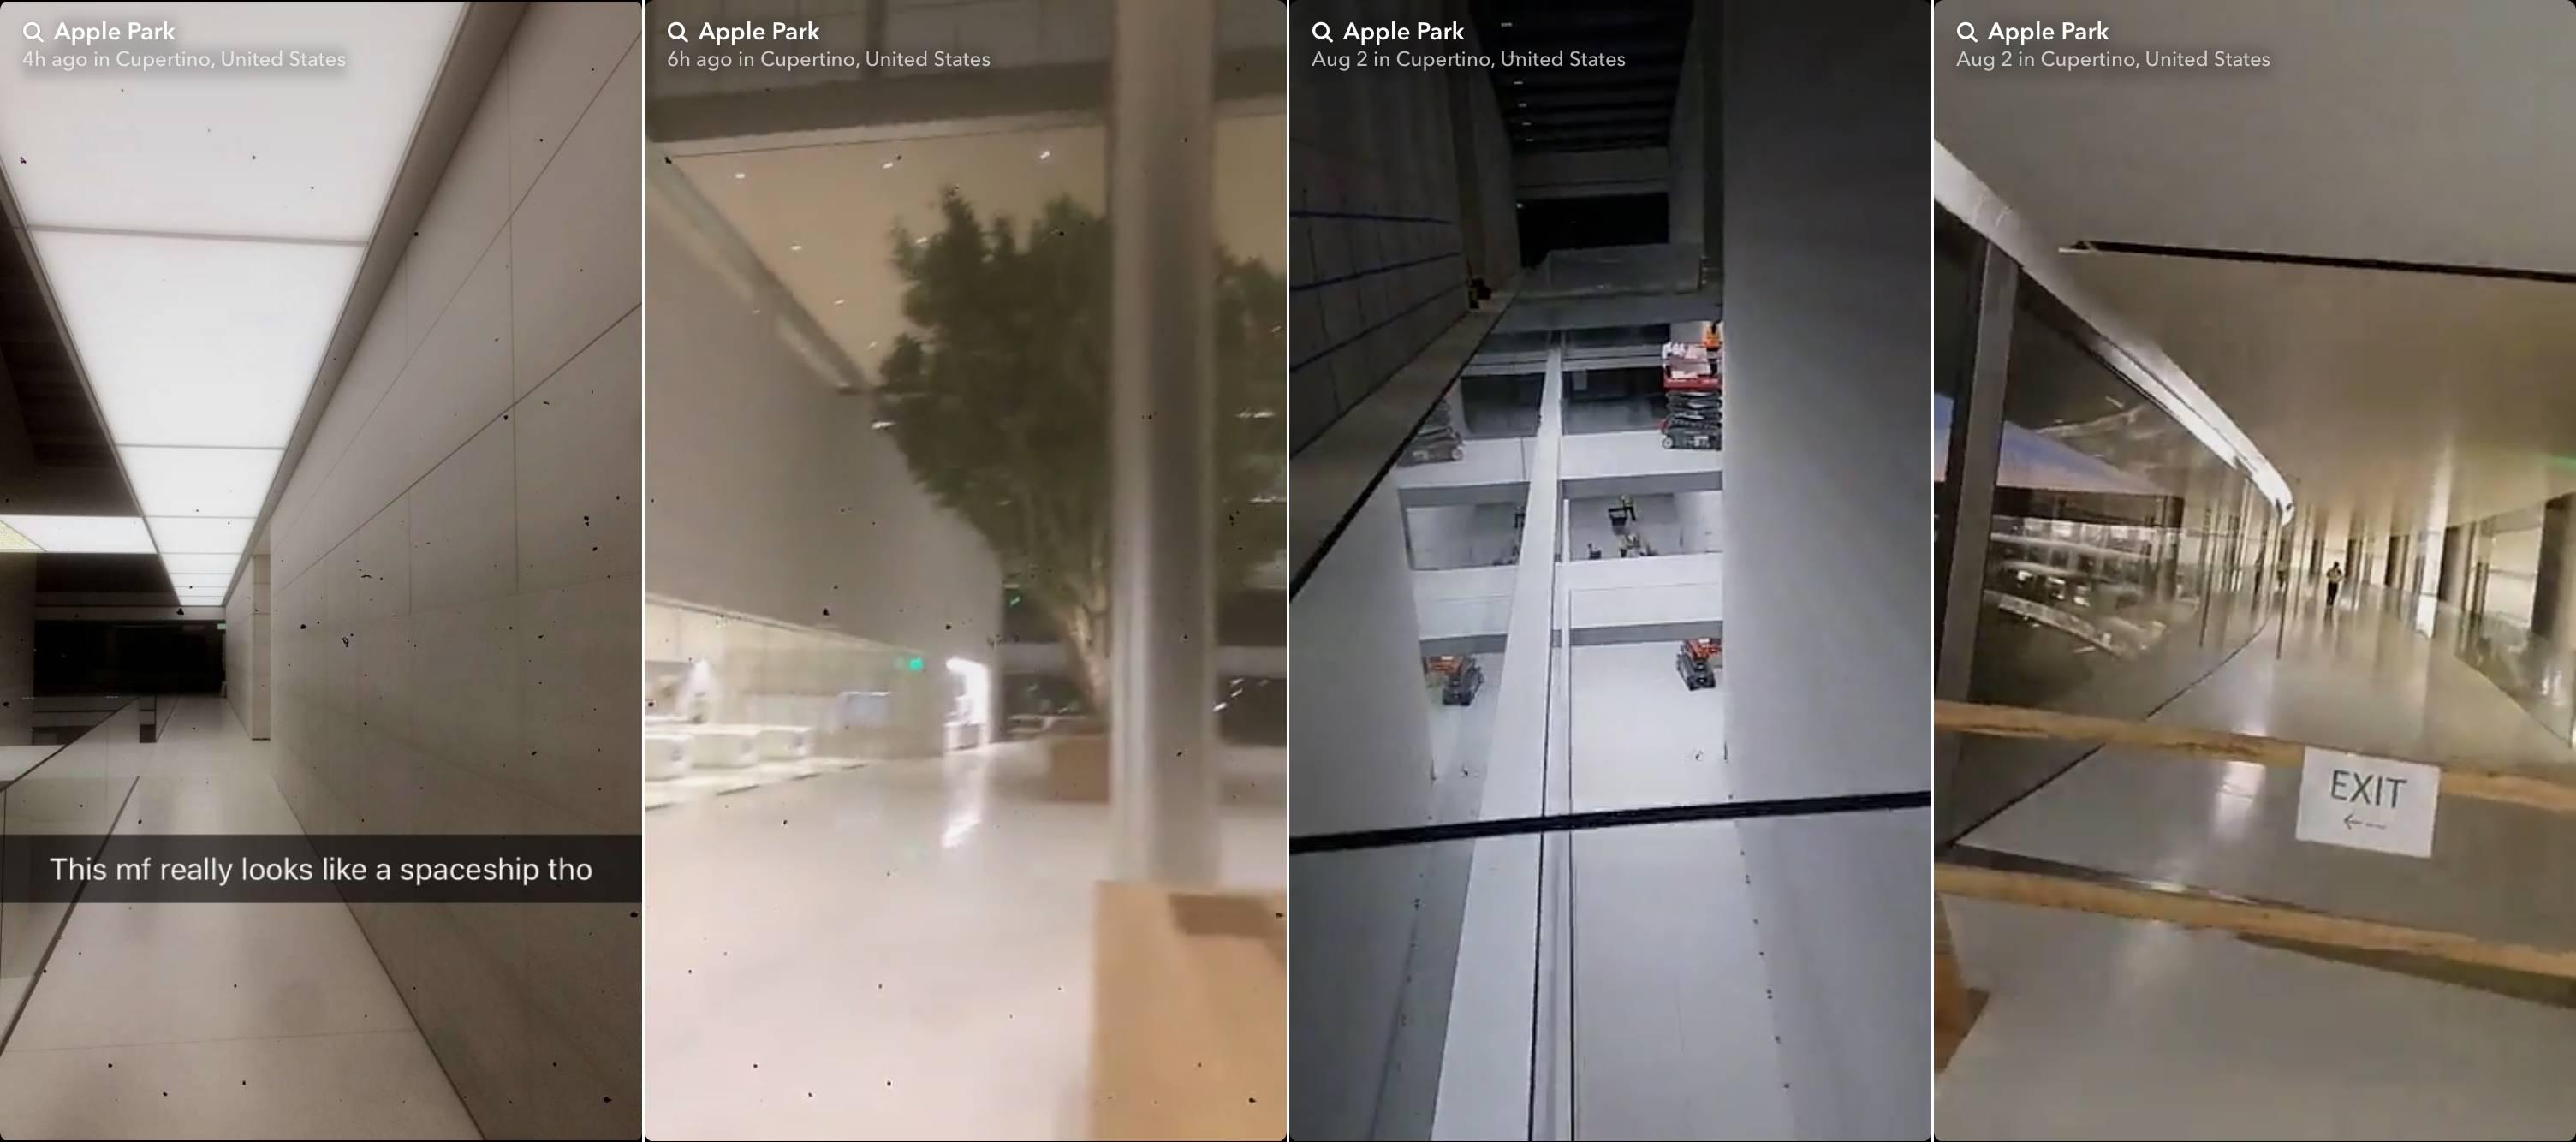 apple park video interiorul uimitor